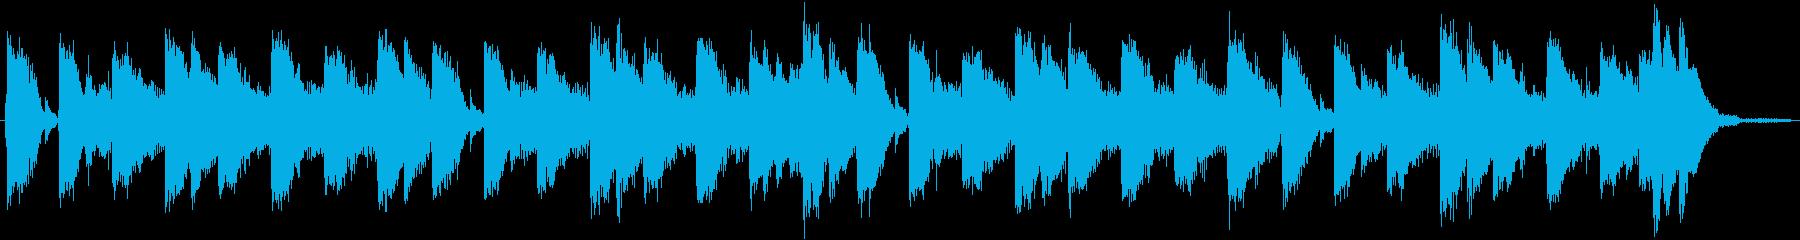 80年代のテクノポップ風ジングルの再生済みの波形